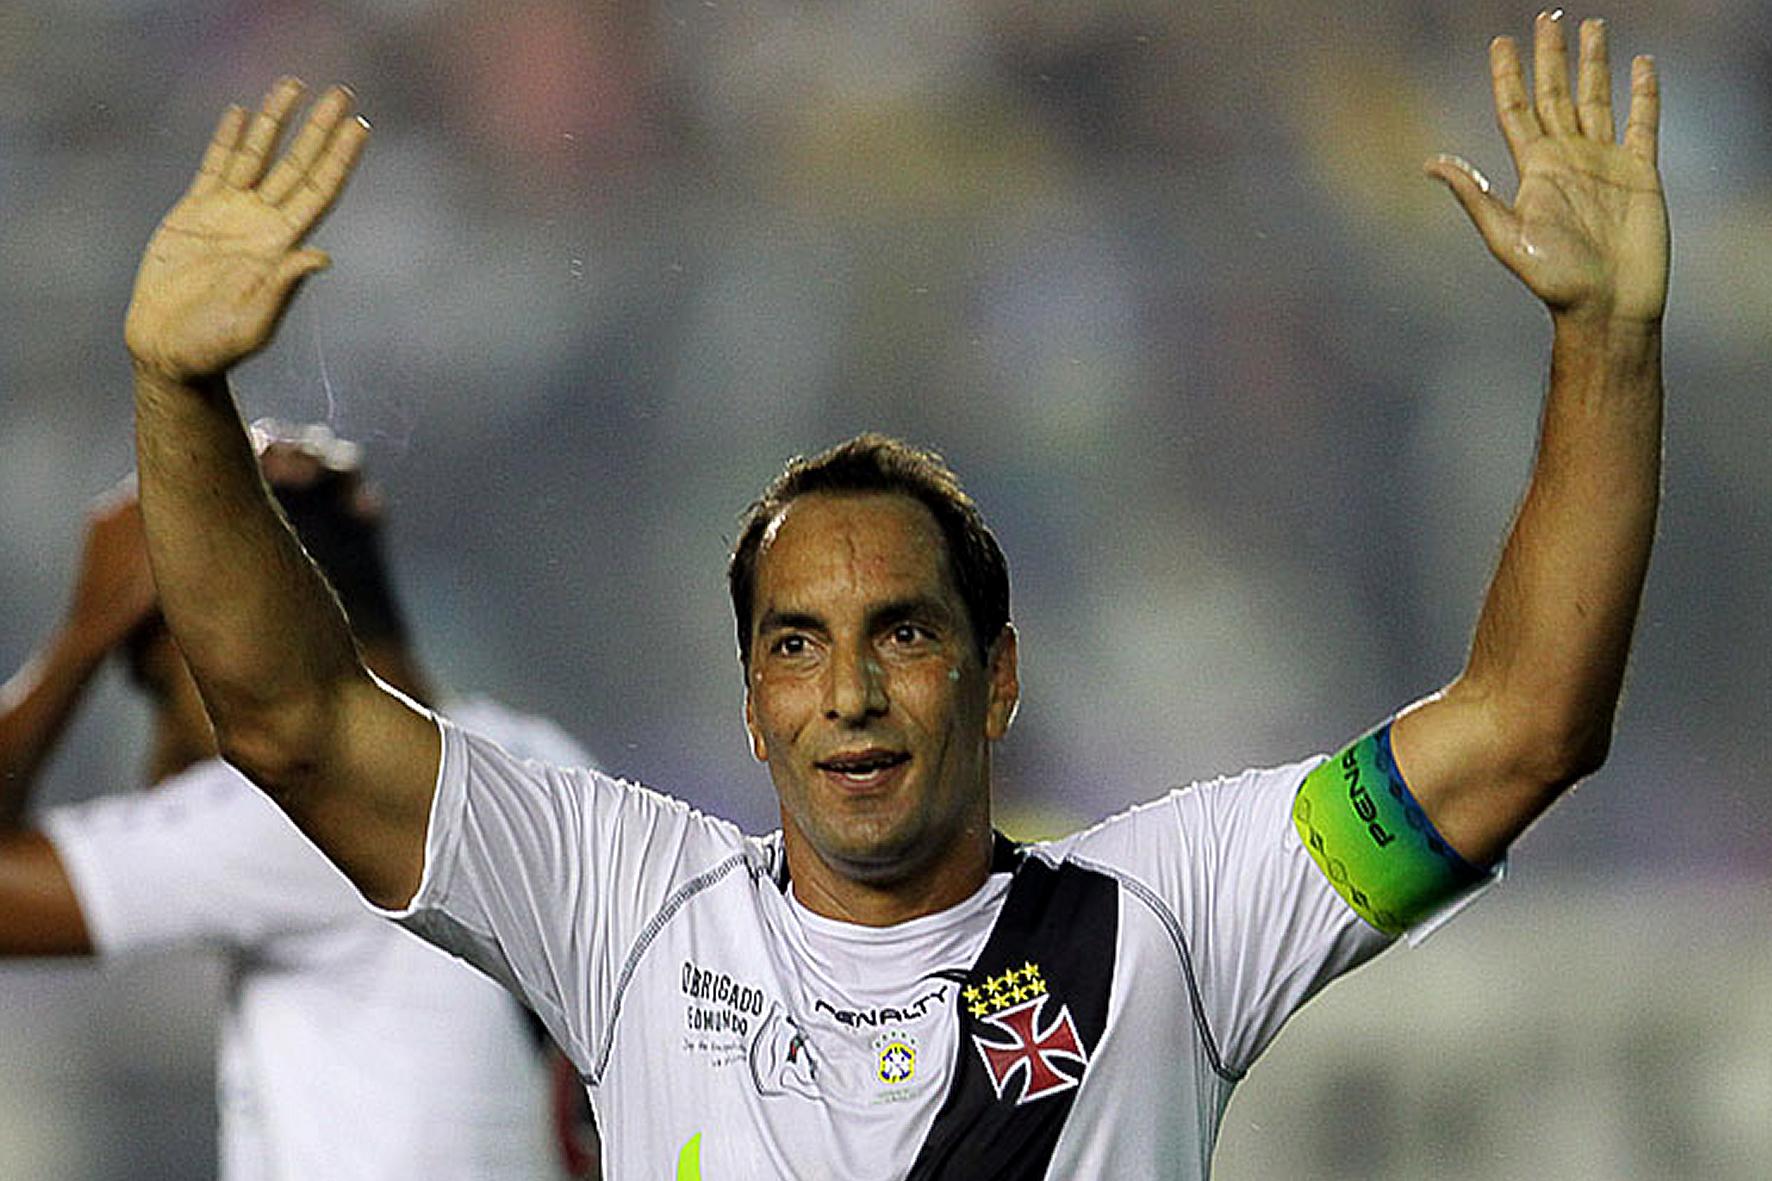 09ABR15-l-Futebol-l-Edmundo-Alves-de-Souza-Neto-©-Marcelo-Sadio-vasco.com_.br_